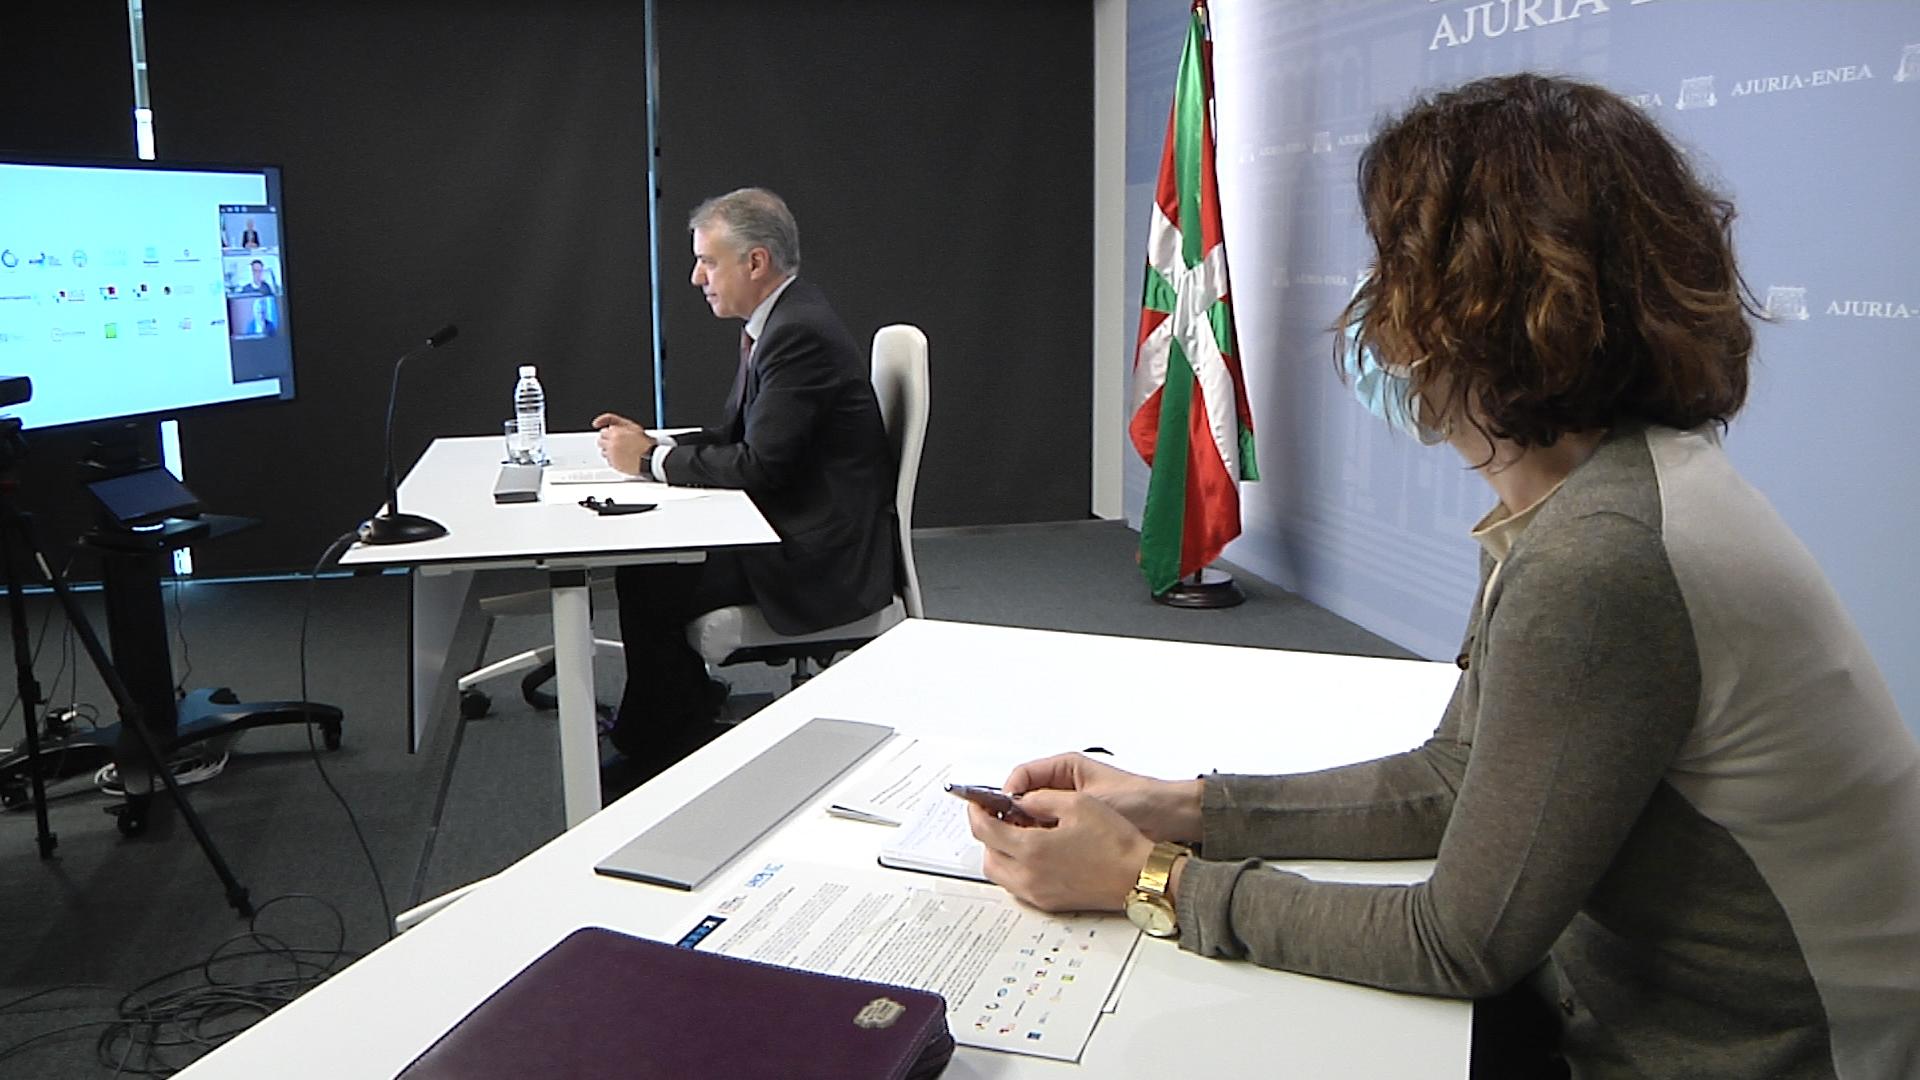 El Lehendakari propone la participación directa de los gobiernos regionales en el nuevo modelo de gobernanza de Naciones Unidas [0:00]